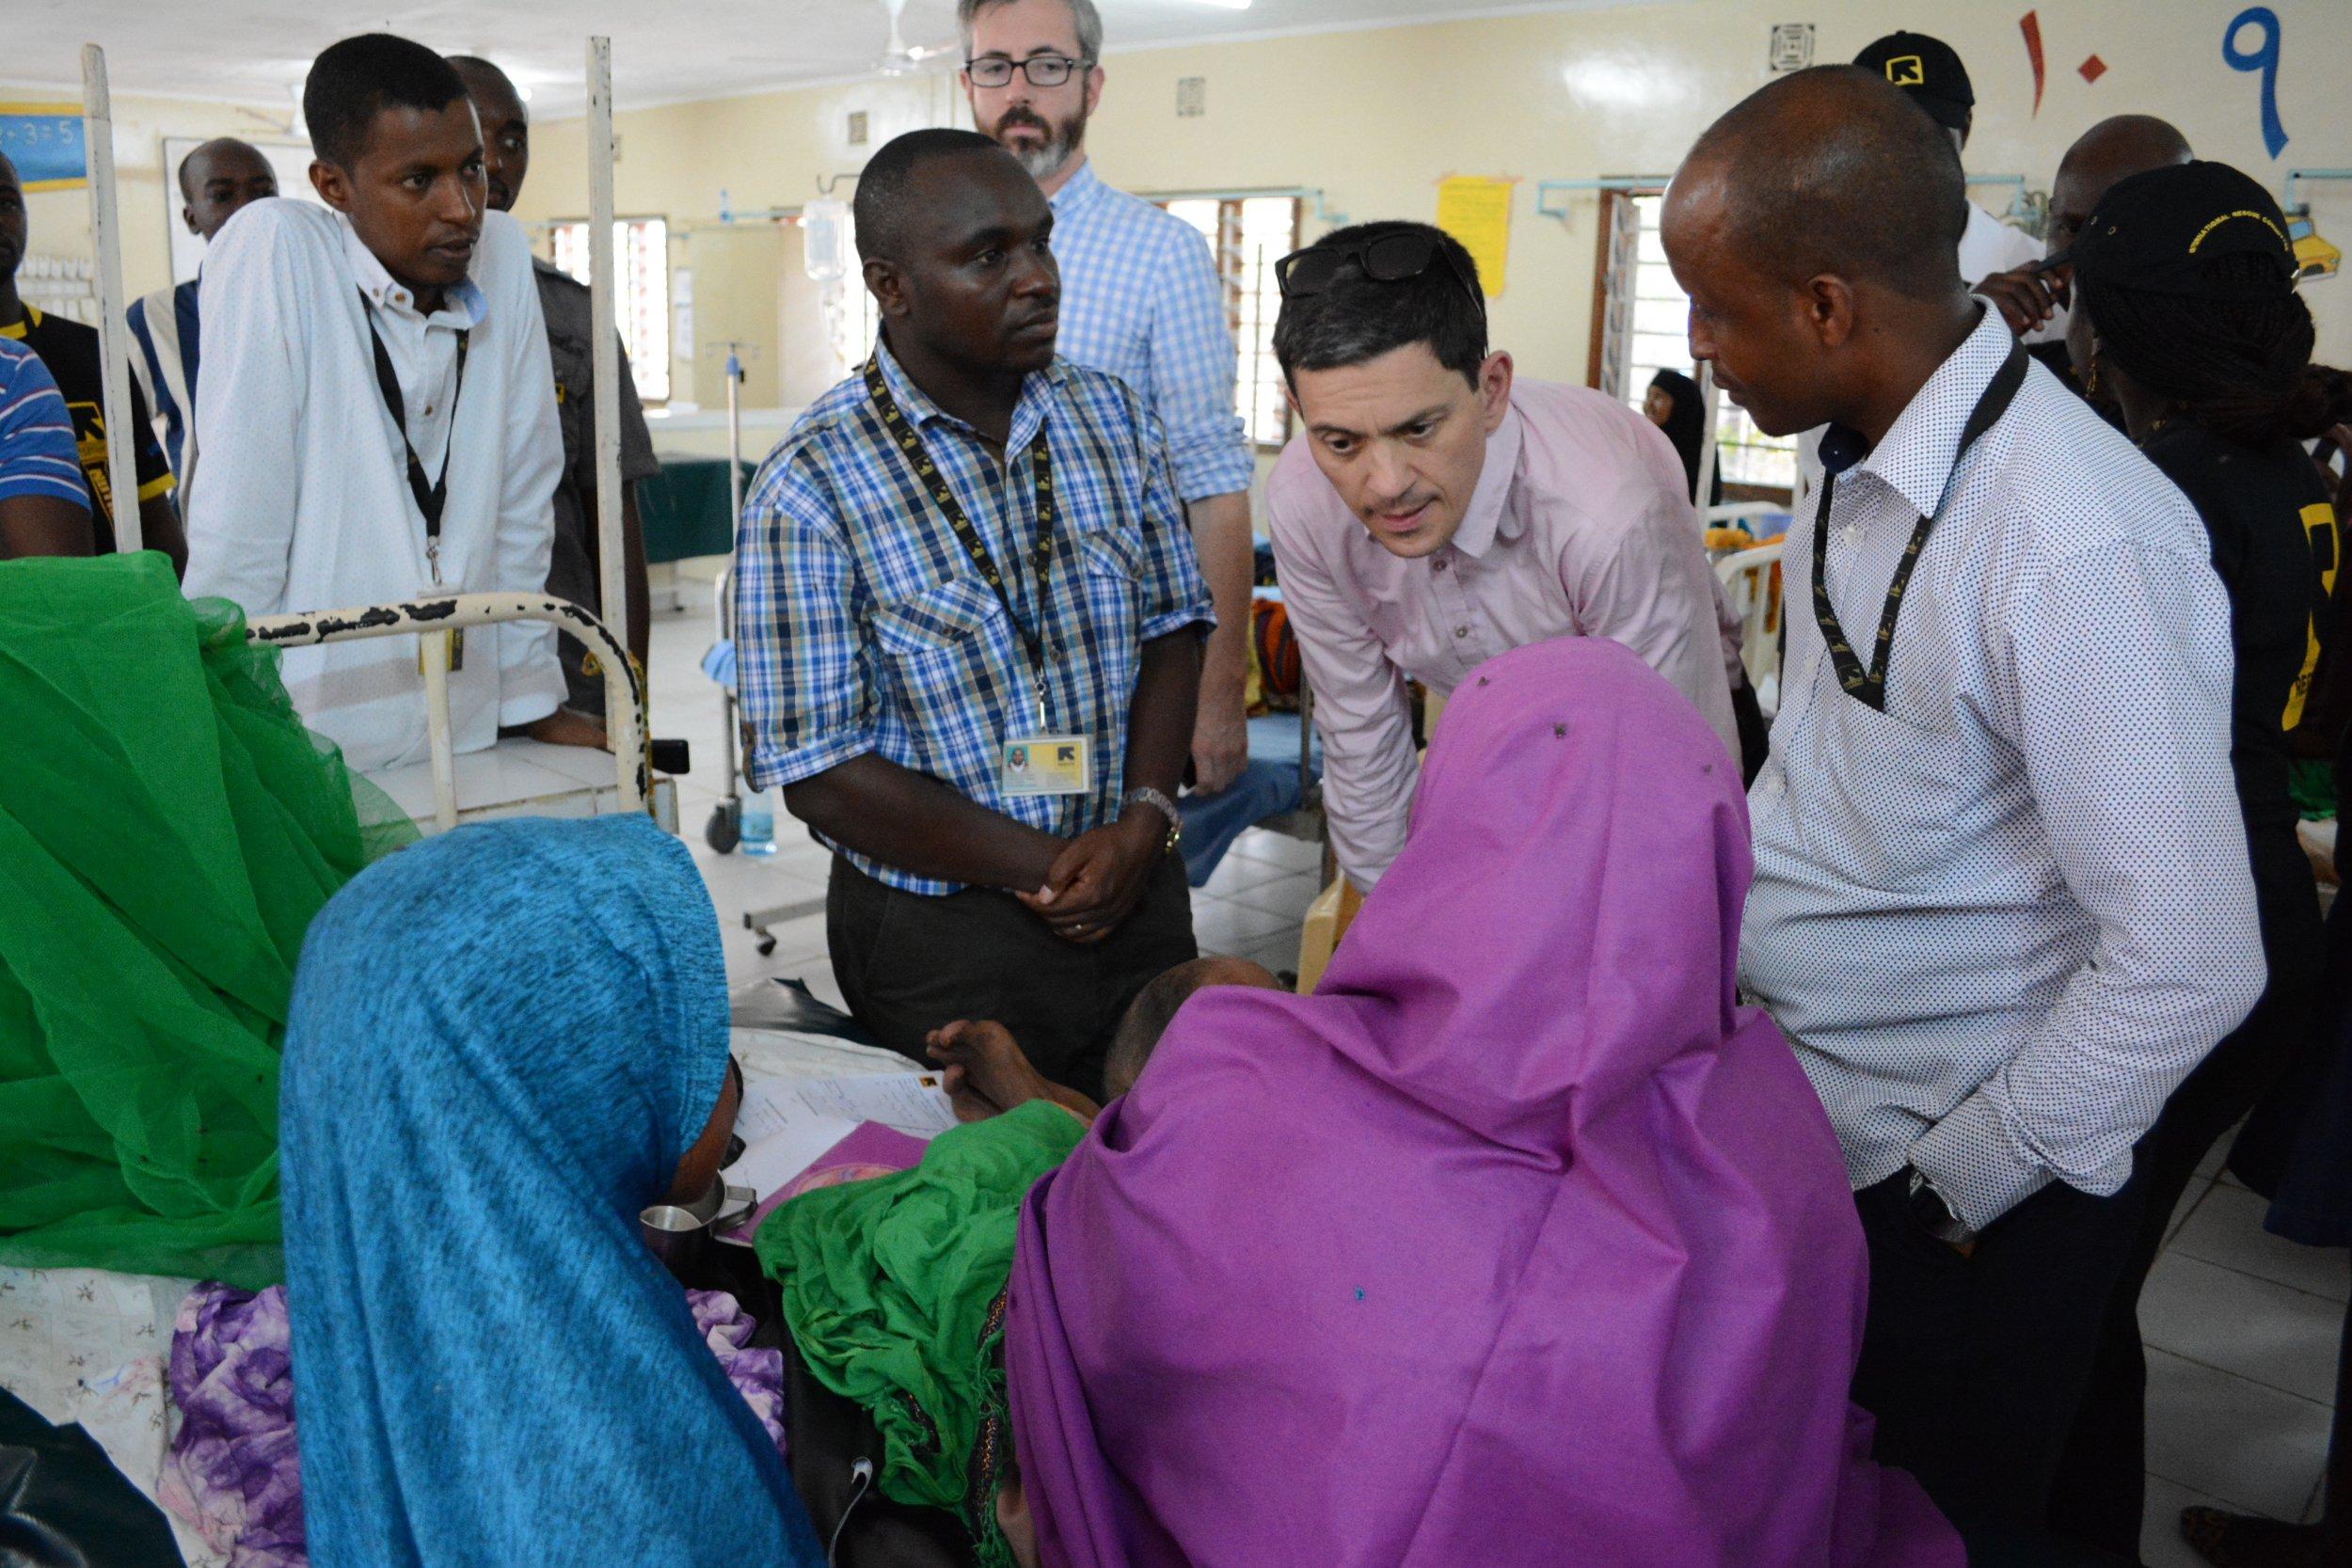 David Miliband visiting IRC hospital.